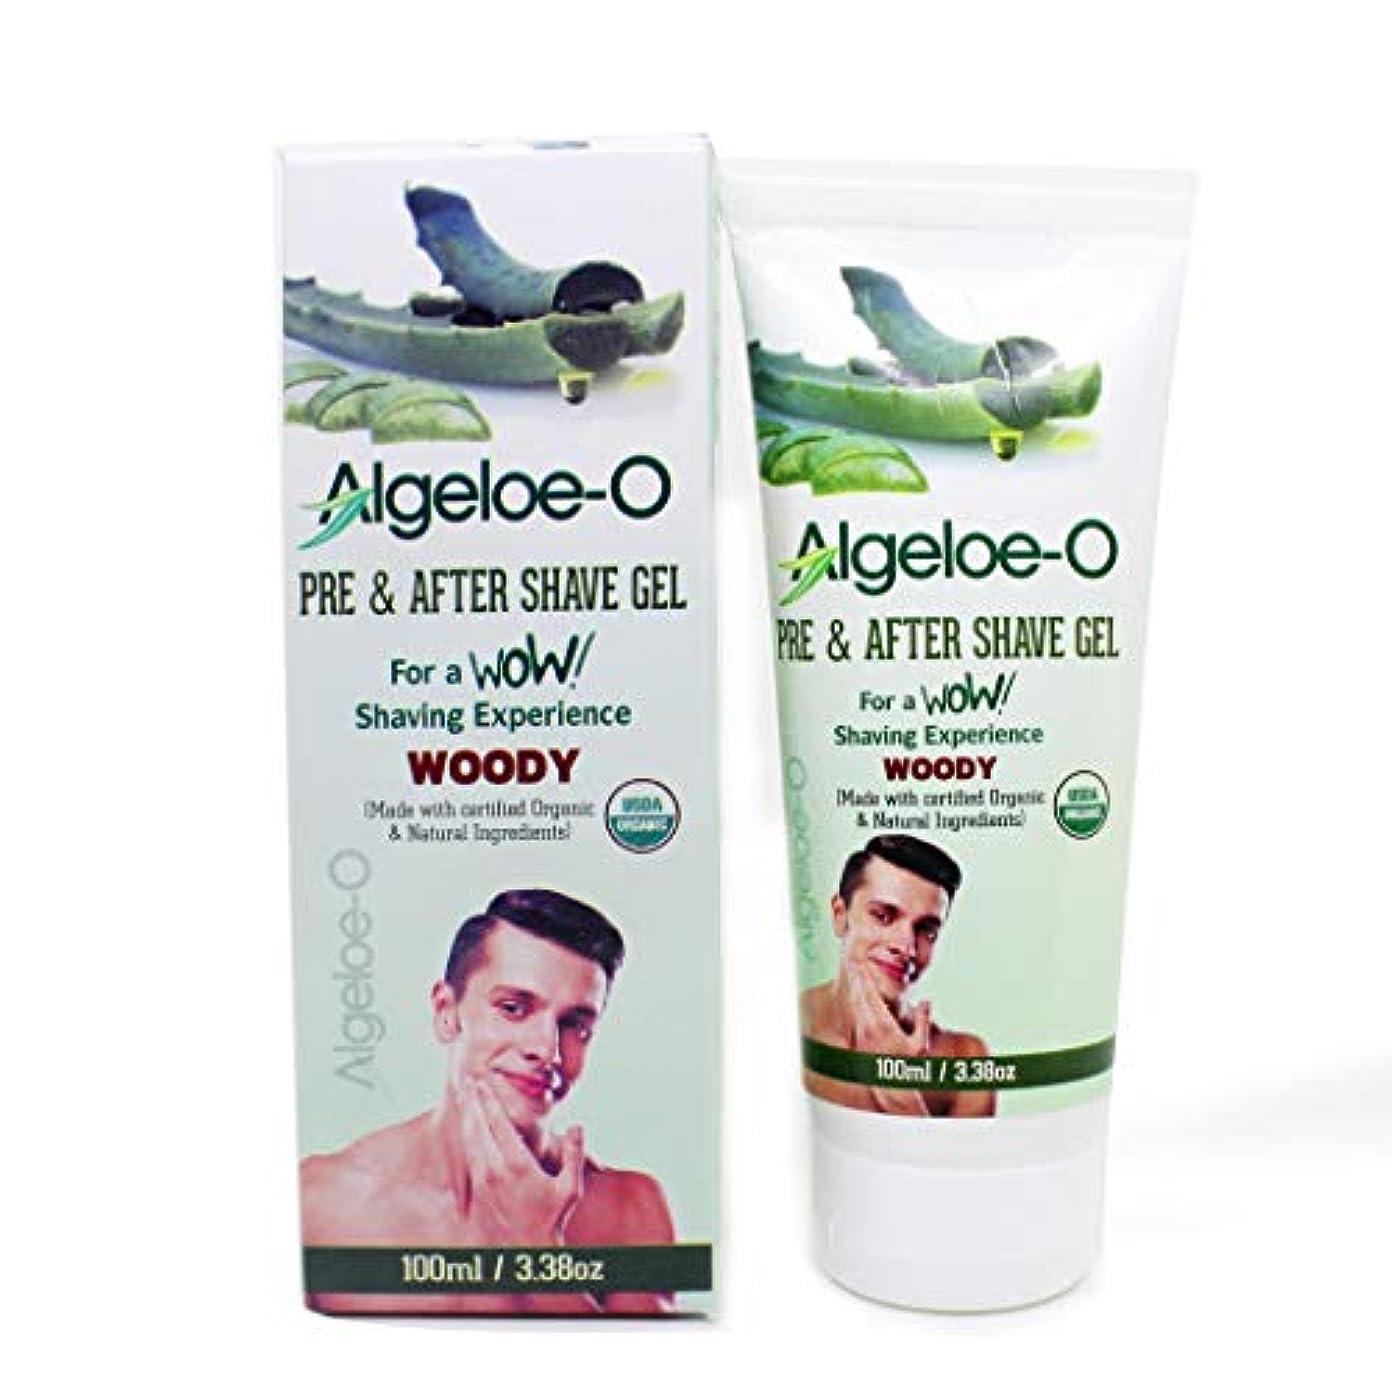 教義ハブブアシストAloevera Pre And After Shave Gel - Algeloe O Made With Certified USDA Organic And Natural Ingredients - Woody...